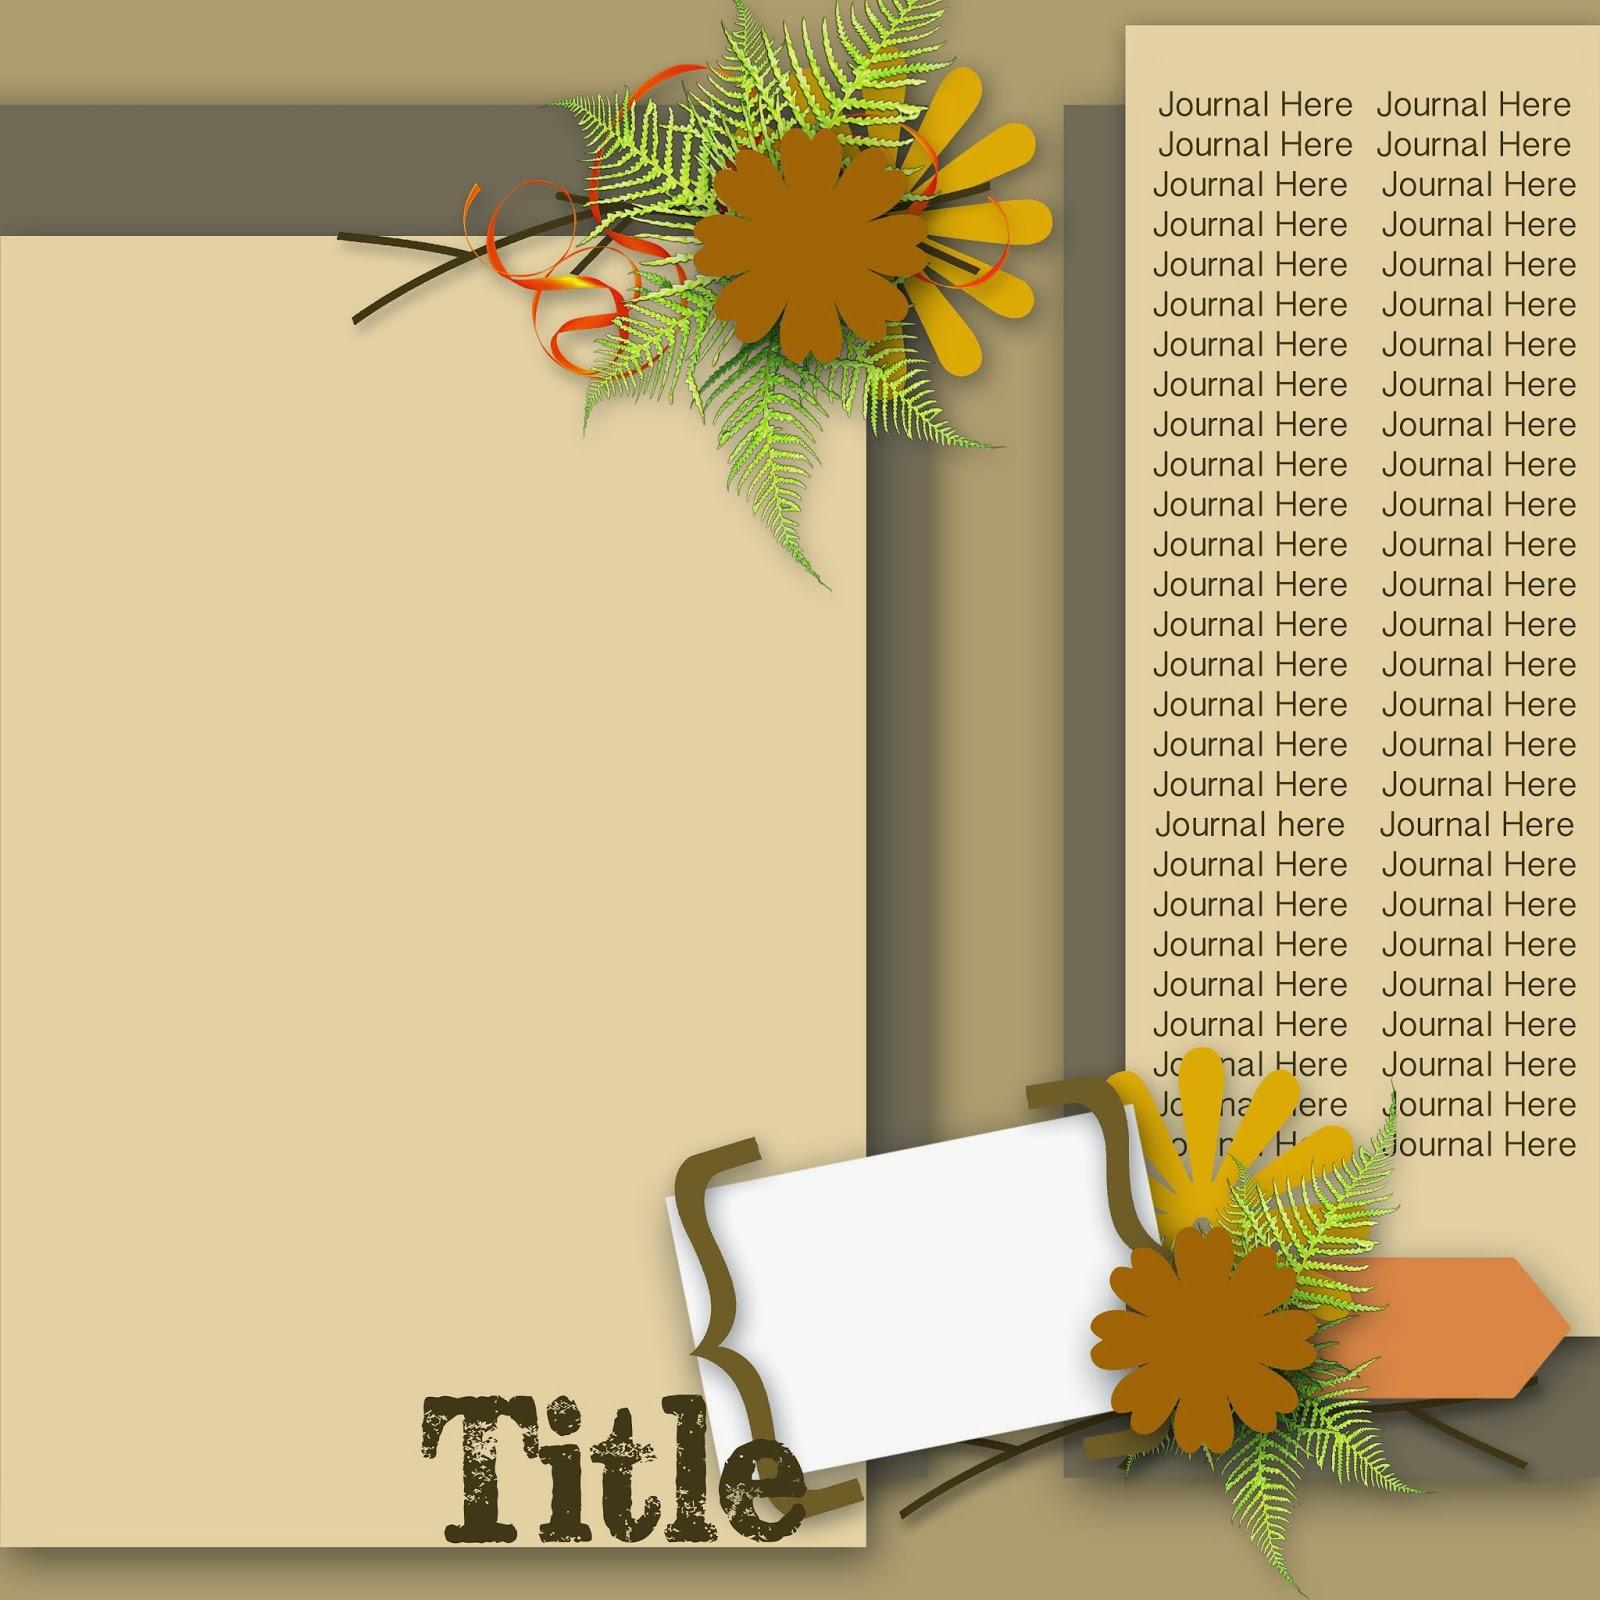 http://1.bp.blogspot.com/--MmdGChcLSY/VOJDLe8RFCI/AAAAAAAABI4/rHykpuXckHo/s1600/OklahomaDawn021615_edited-1.jpg